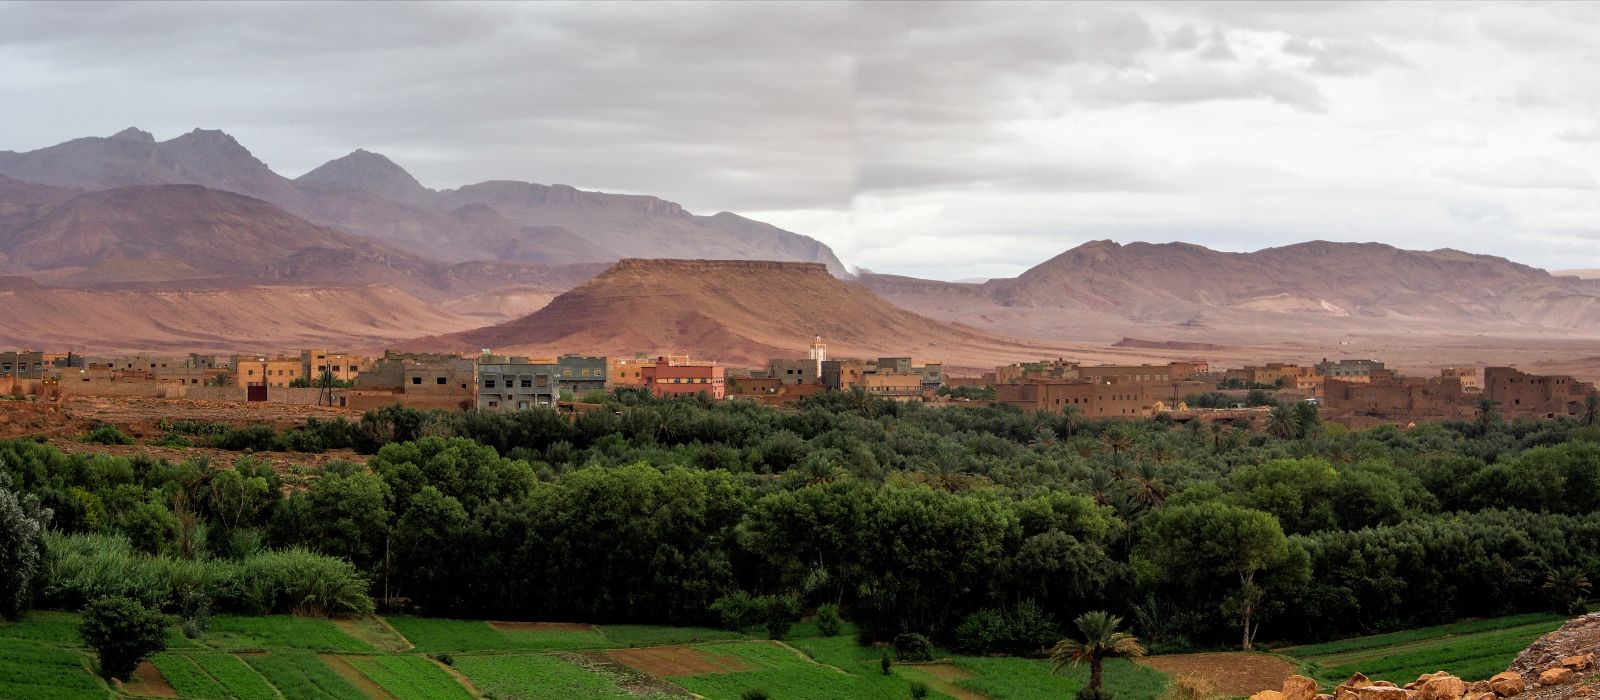 Hotel Kasbah  Xaluca Arfoud Morocco